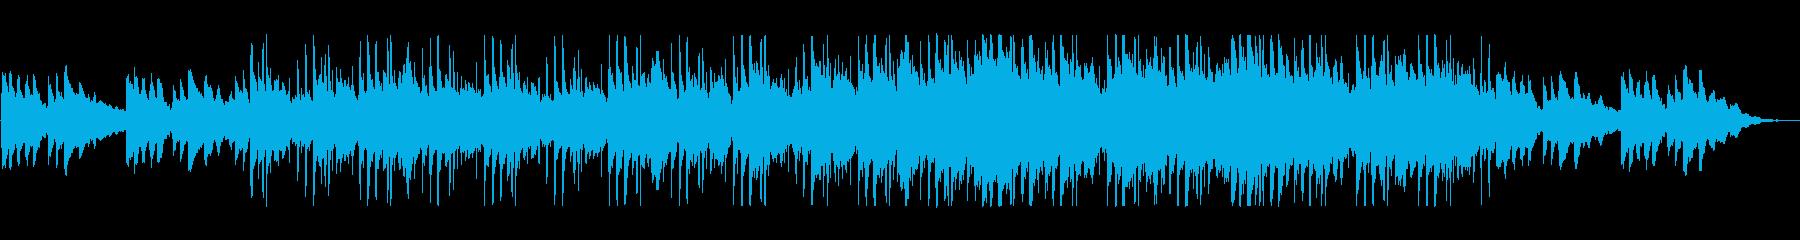 哀愁漂う美しいピアノ曲の再生済みの波形